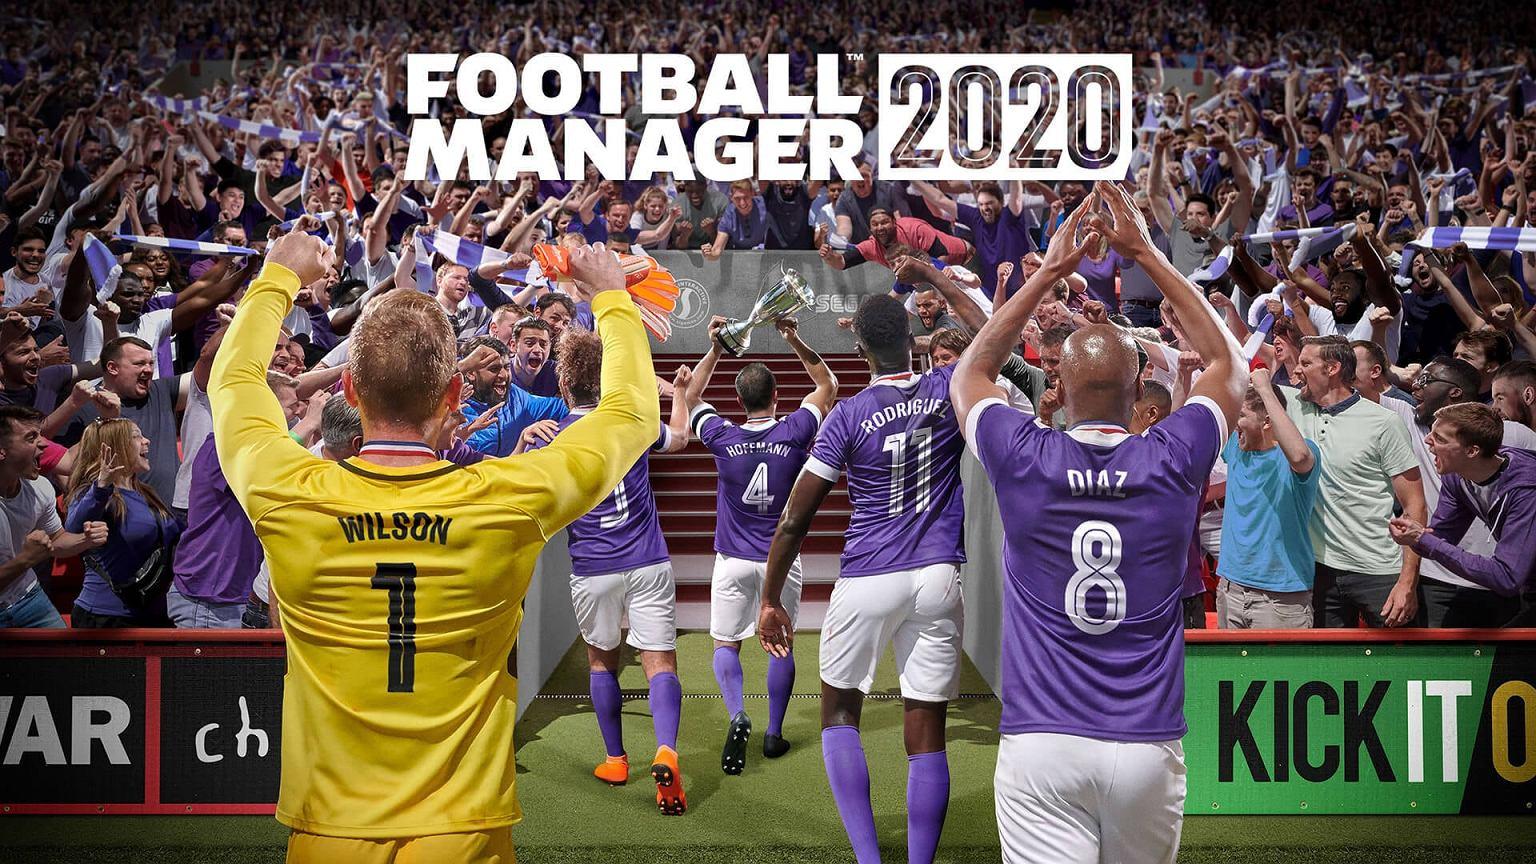 Nowe darmowe gry od Epic Games Store. W ofercie Football Manager 2020 i Watch Dogs 2 | Biznes na Next.Gazeta.pl